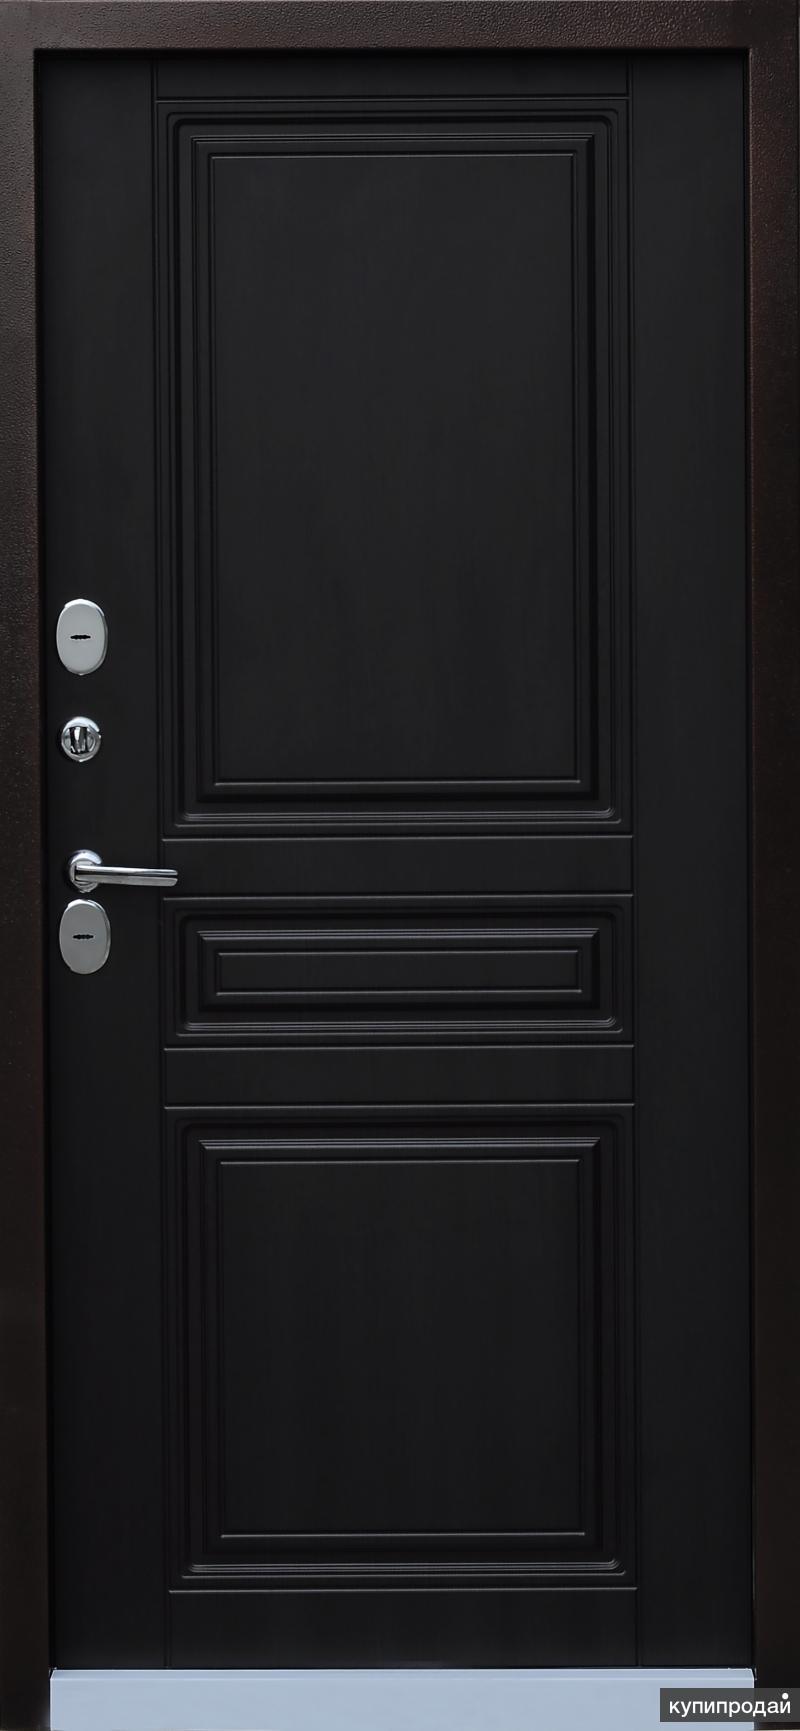 Дверь металлическая с терморазрывом АГАТ Термо 4